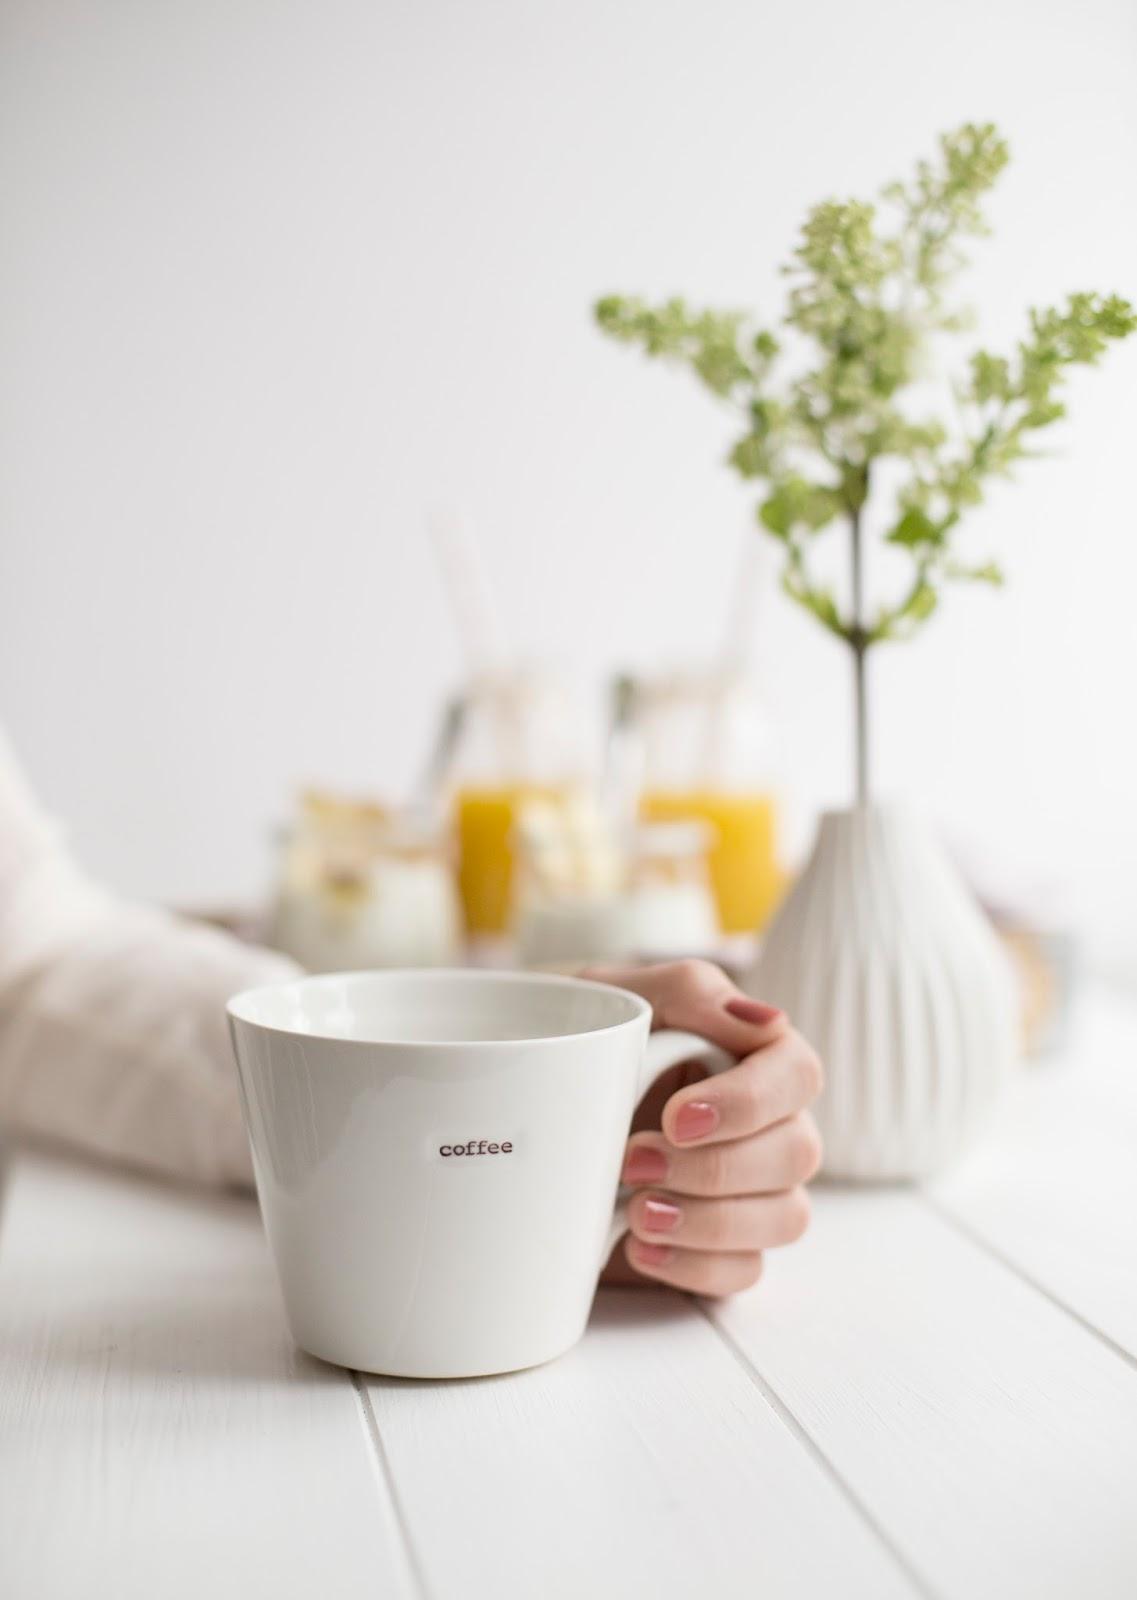 Kaffee zum Valentinstag